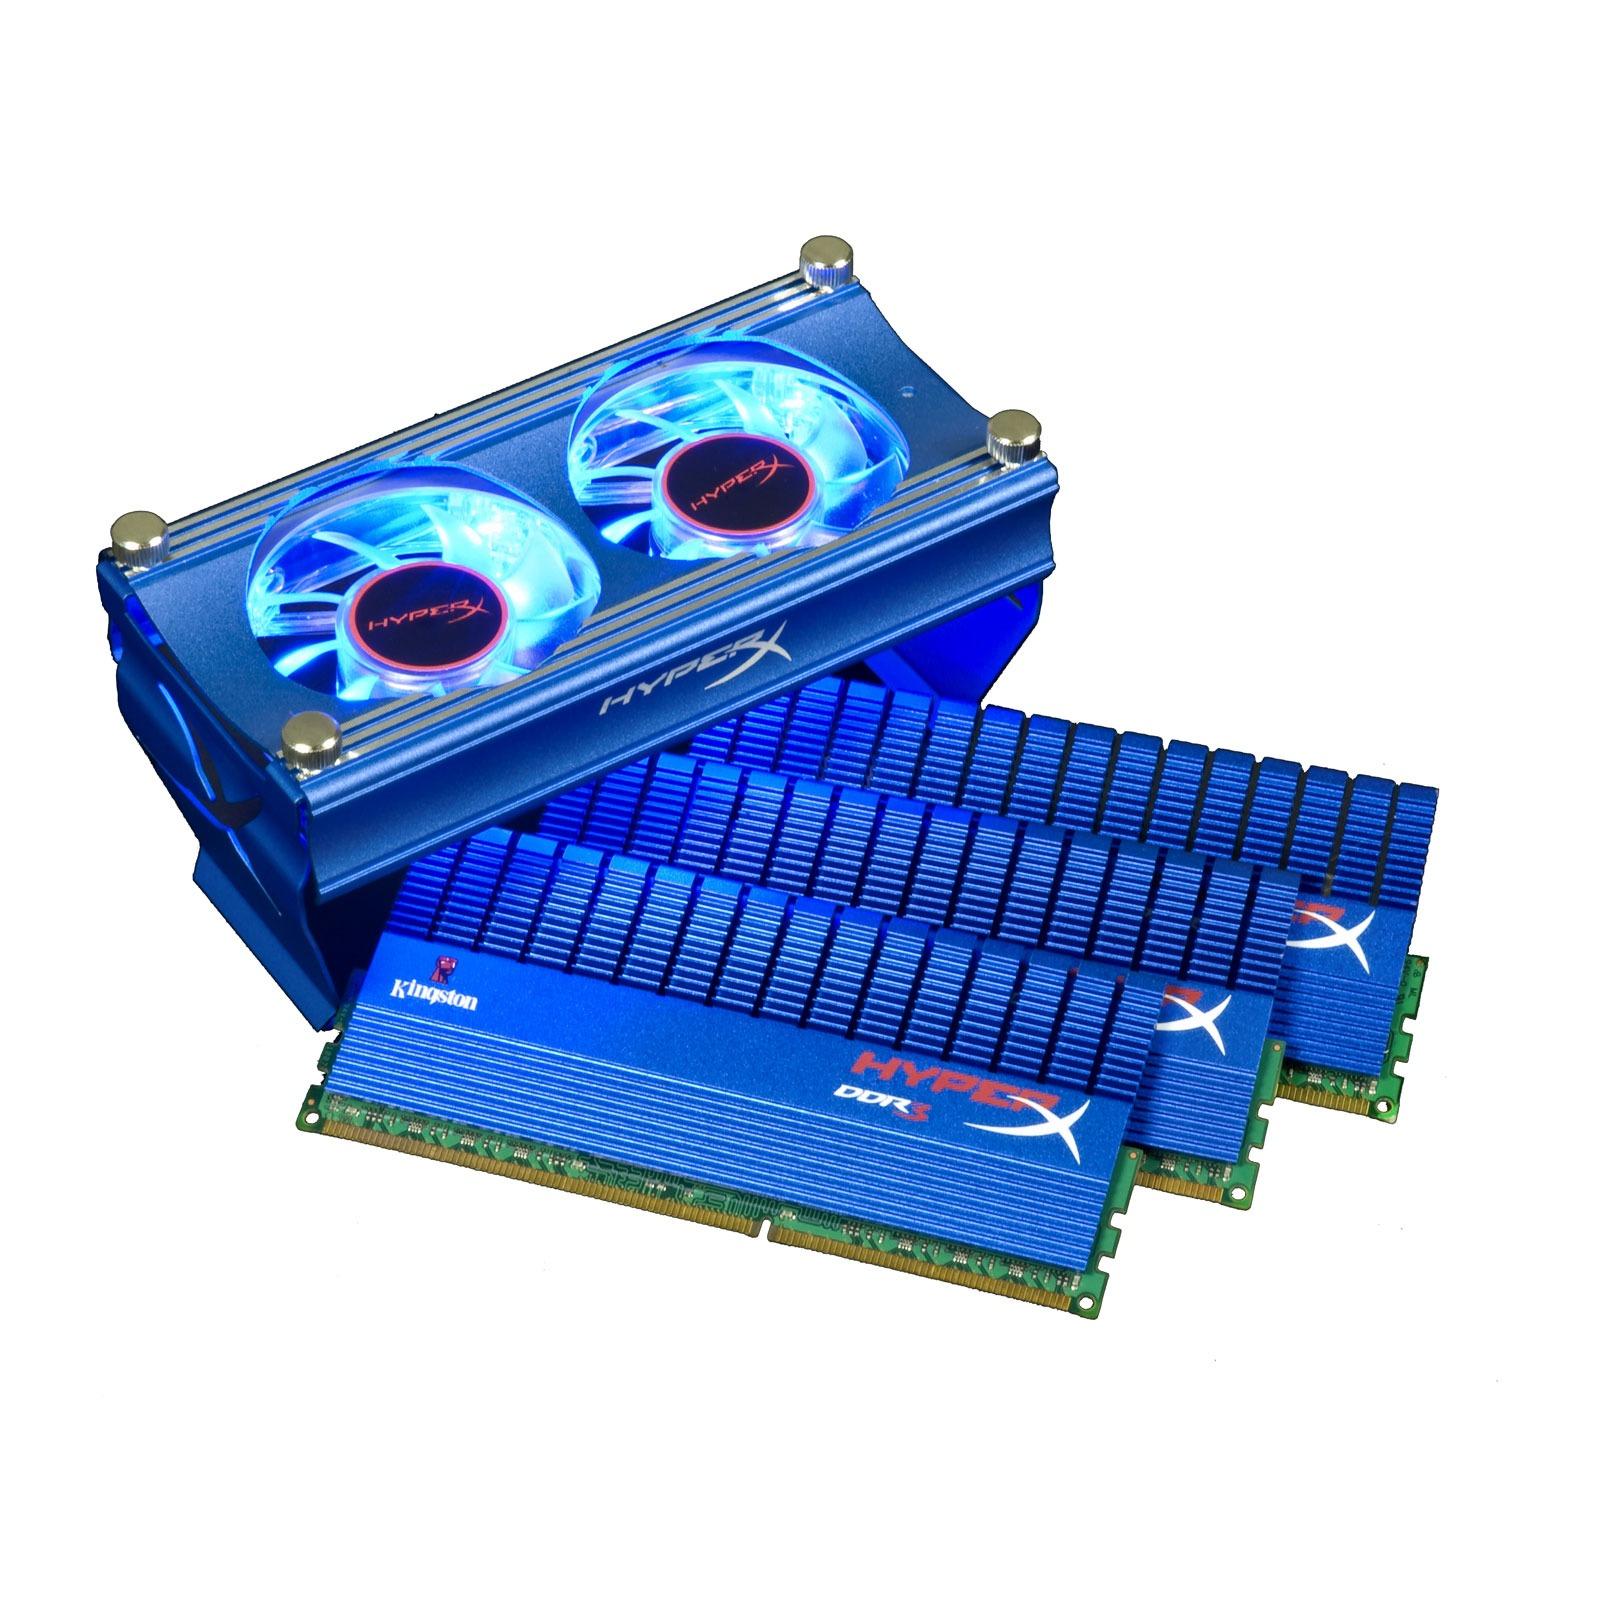 Mémoire PC Kingston XMP T1 6 Go (3x 2Go) DDR3 2250 MHz Kingston XMP T1 avec ventilateur 6 Go (kit 3x 2 Go) DDR3-SDRAM PC3-18000 CL9 - KHX2250C9D3T1FK3/6GX (garantie 10 ans par Kingston)